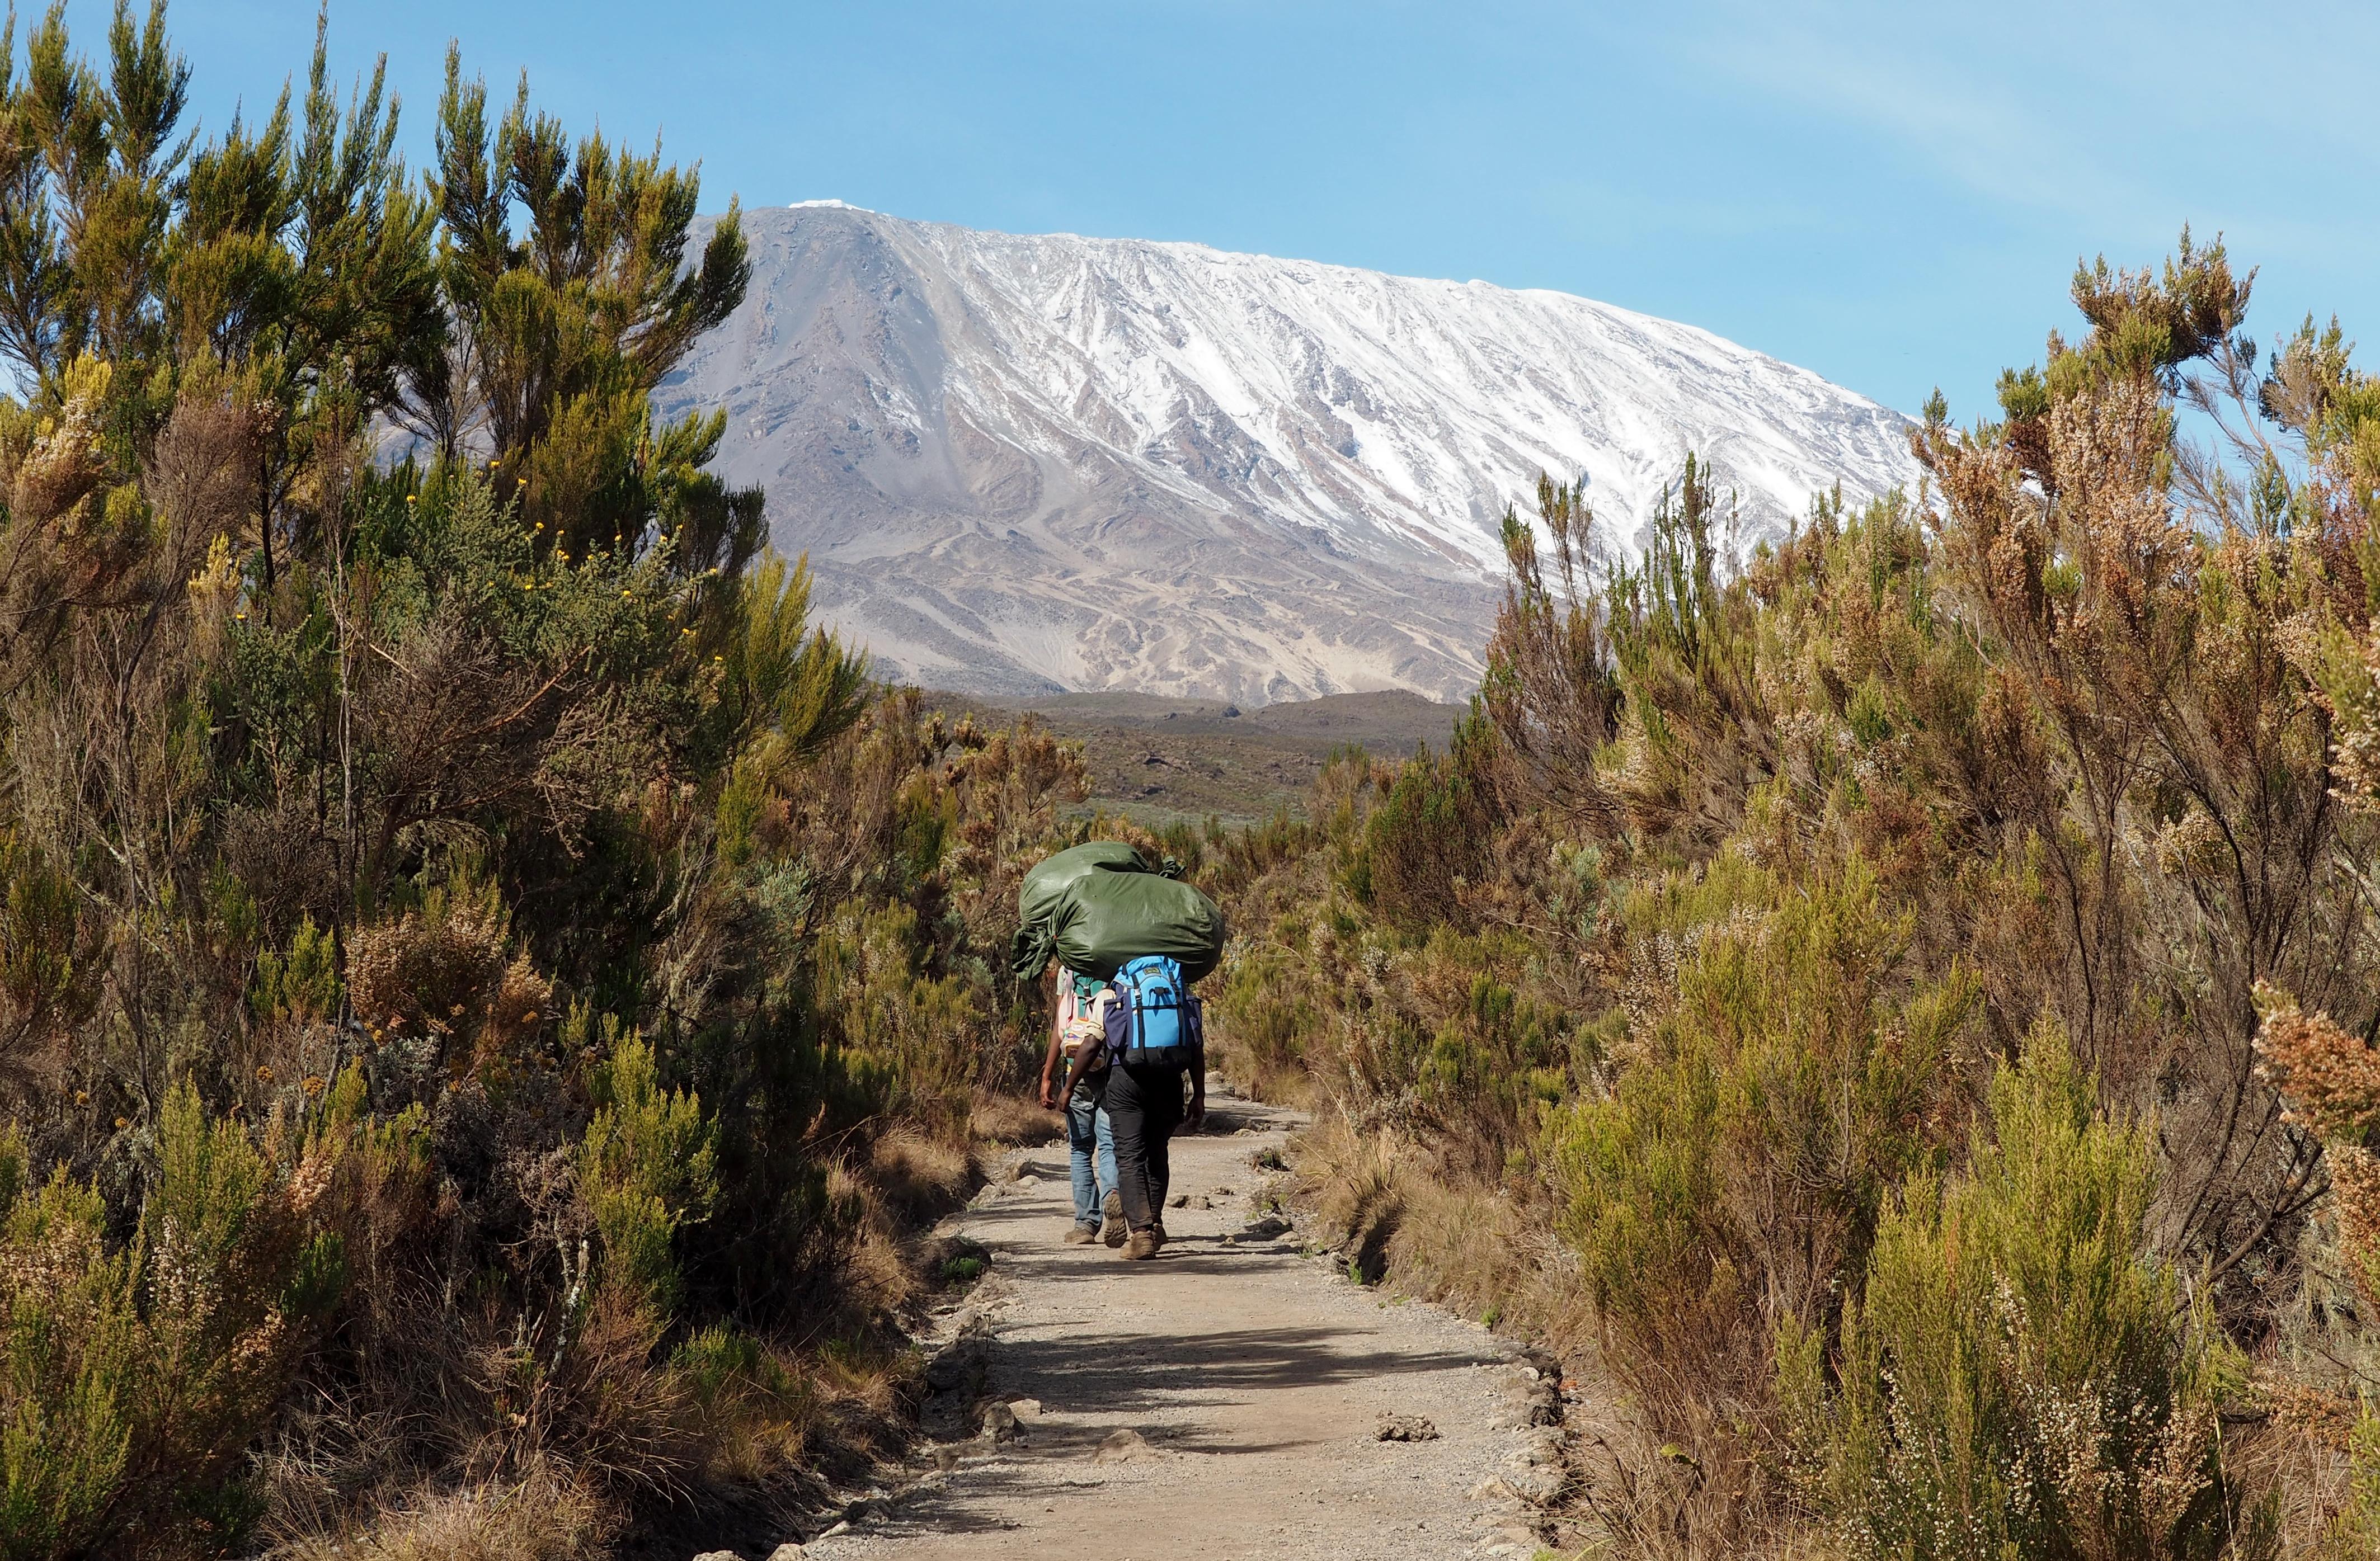 Los verdaderos protagonistas de tu ascenso - Tanzania Gran Viaje Ascensión al Kilimanjaro: Ruta Marangu